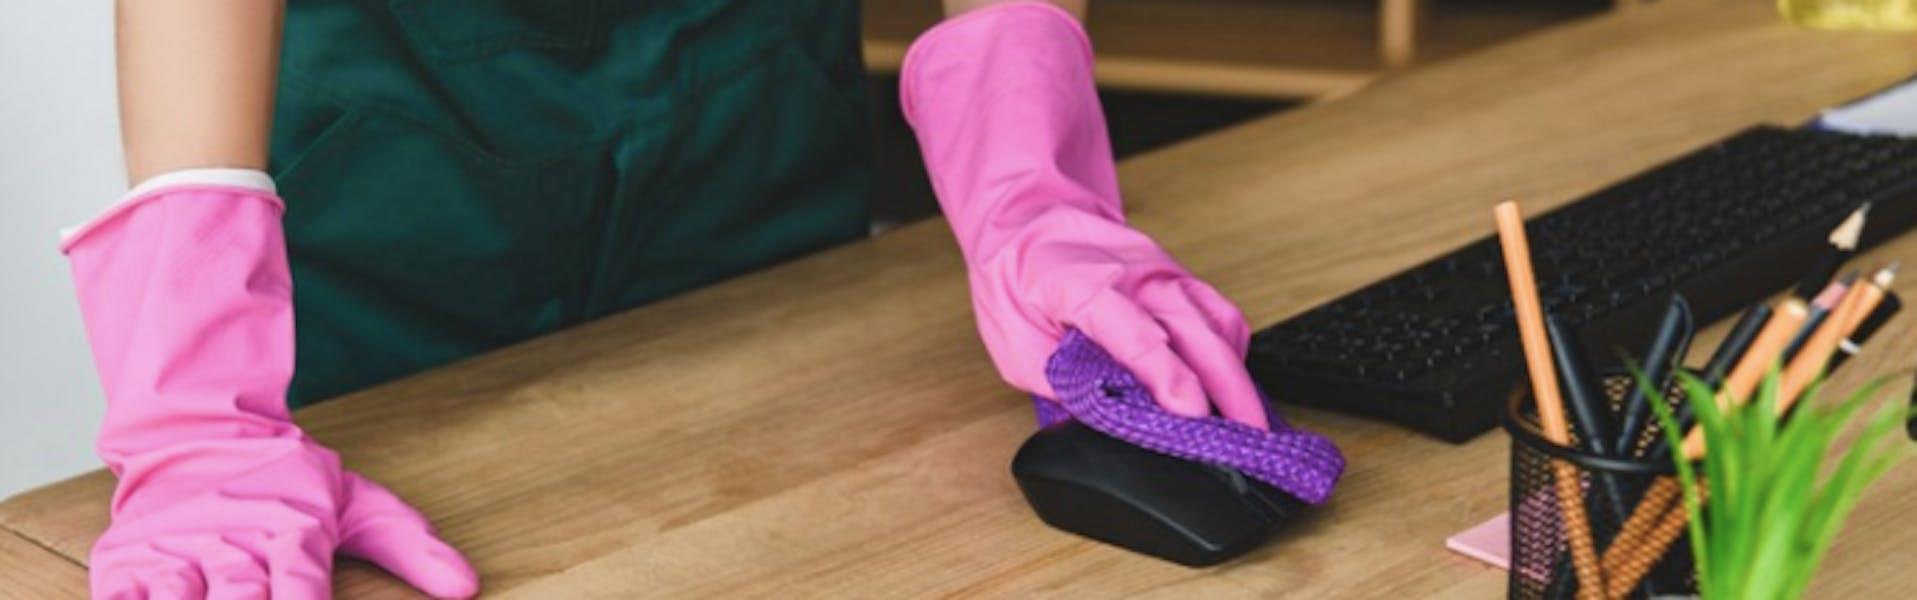 Digital bokning för hem- eller kontorsvård